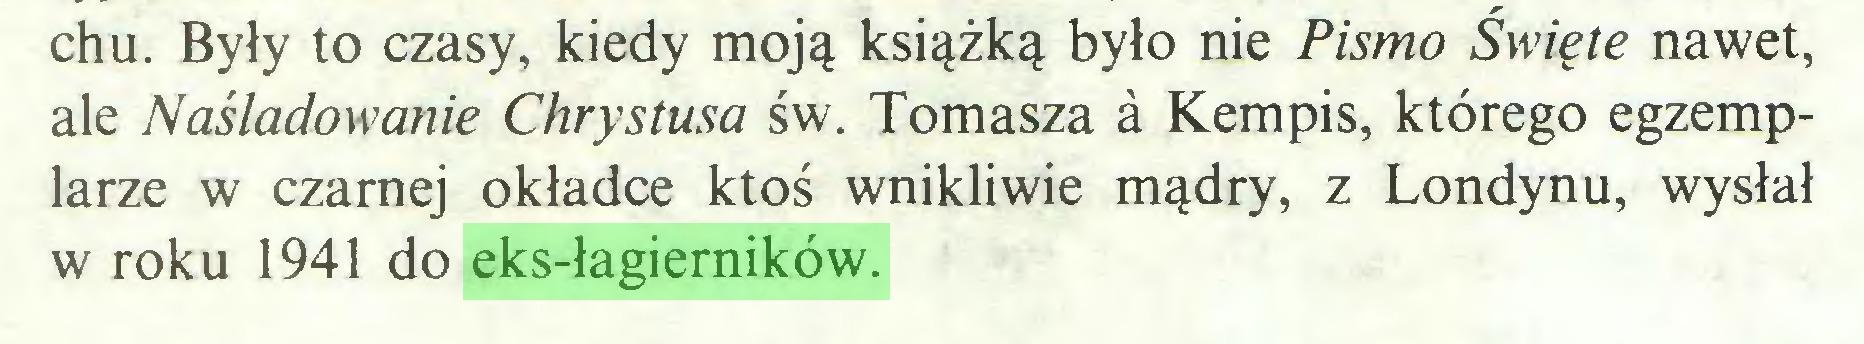 (...) chu. Były to czasy, kiedy moją książką było nie Pismo Święte nawet, ale Naśladowanie Chrystusa św. Tomasza a Kempis, którego egzemplarze w czarnej okładce ktoś wnikliwie mądry, z Londynu, wysłał w roku 1941 do eks-łagierników...